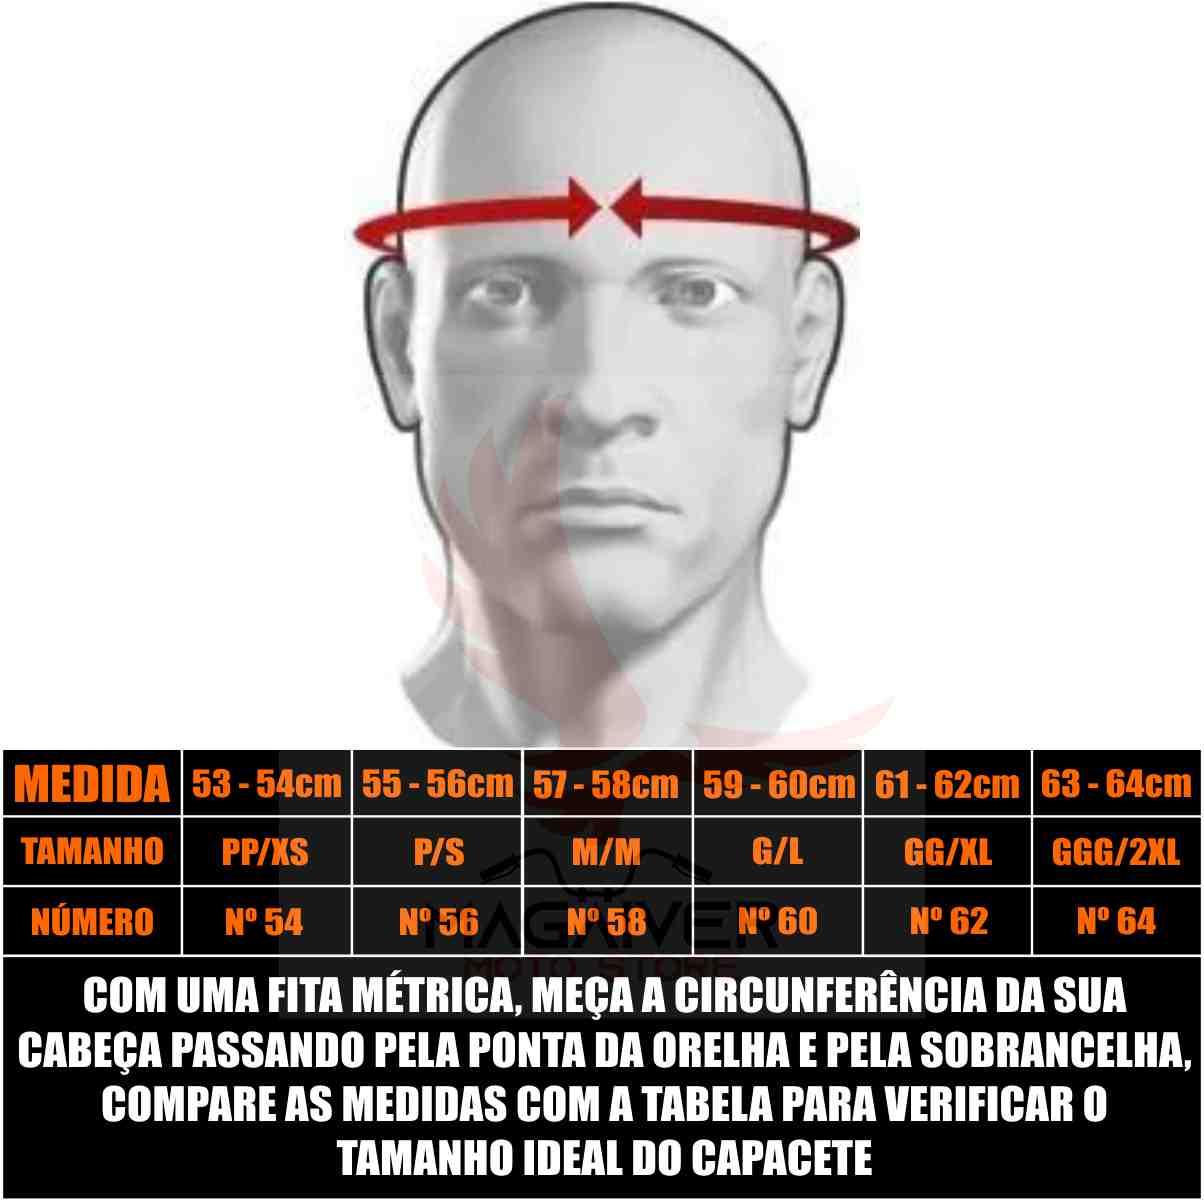 COMBO CAPACETE ABERTO CUSTOM COURO XADREZ PRETO CLASSICO RETRÔ VISOR CRISTAL + VISEIRA EXTRA SILVER